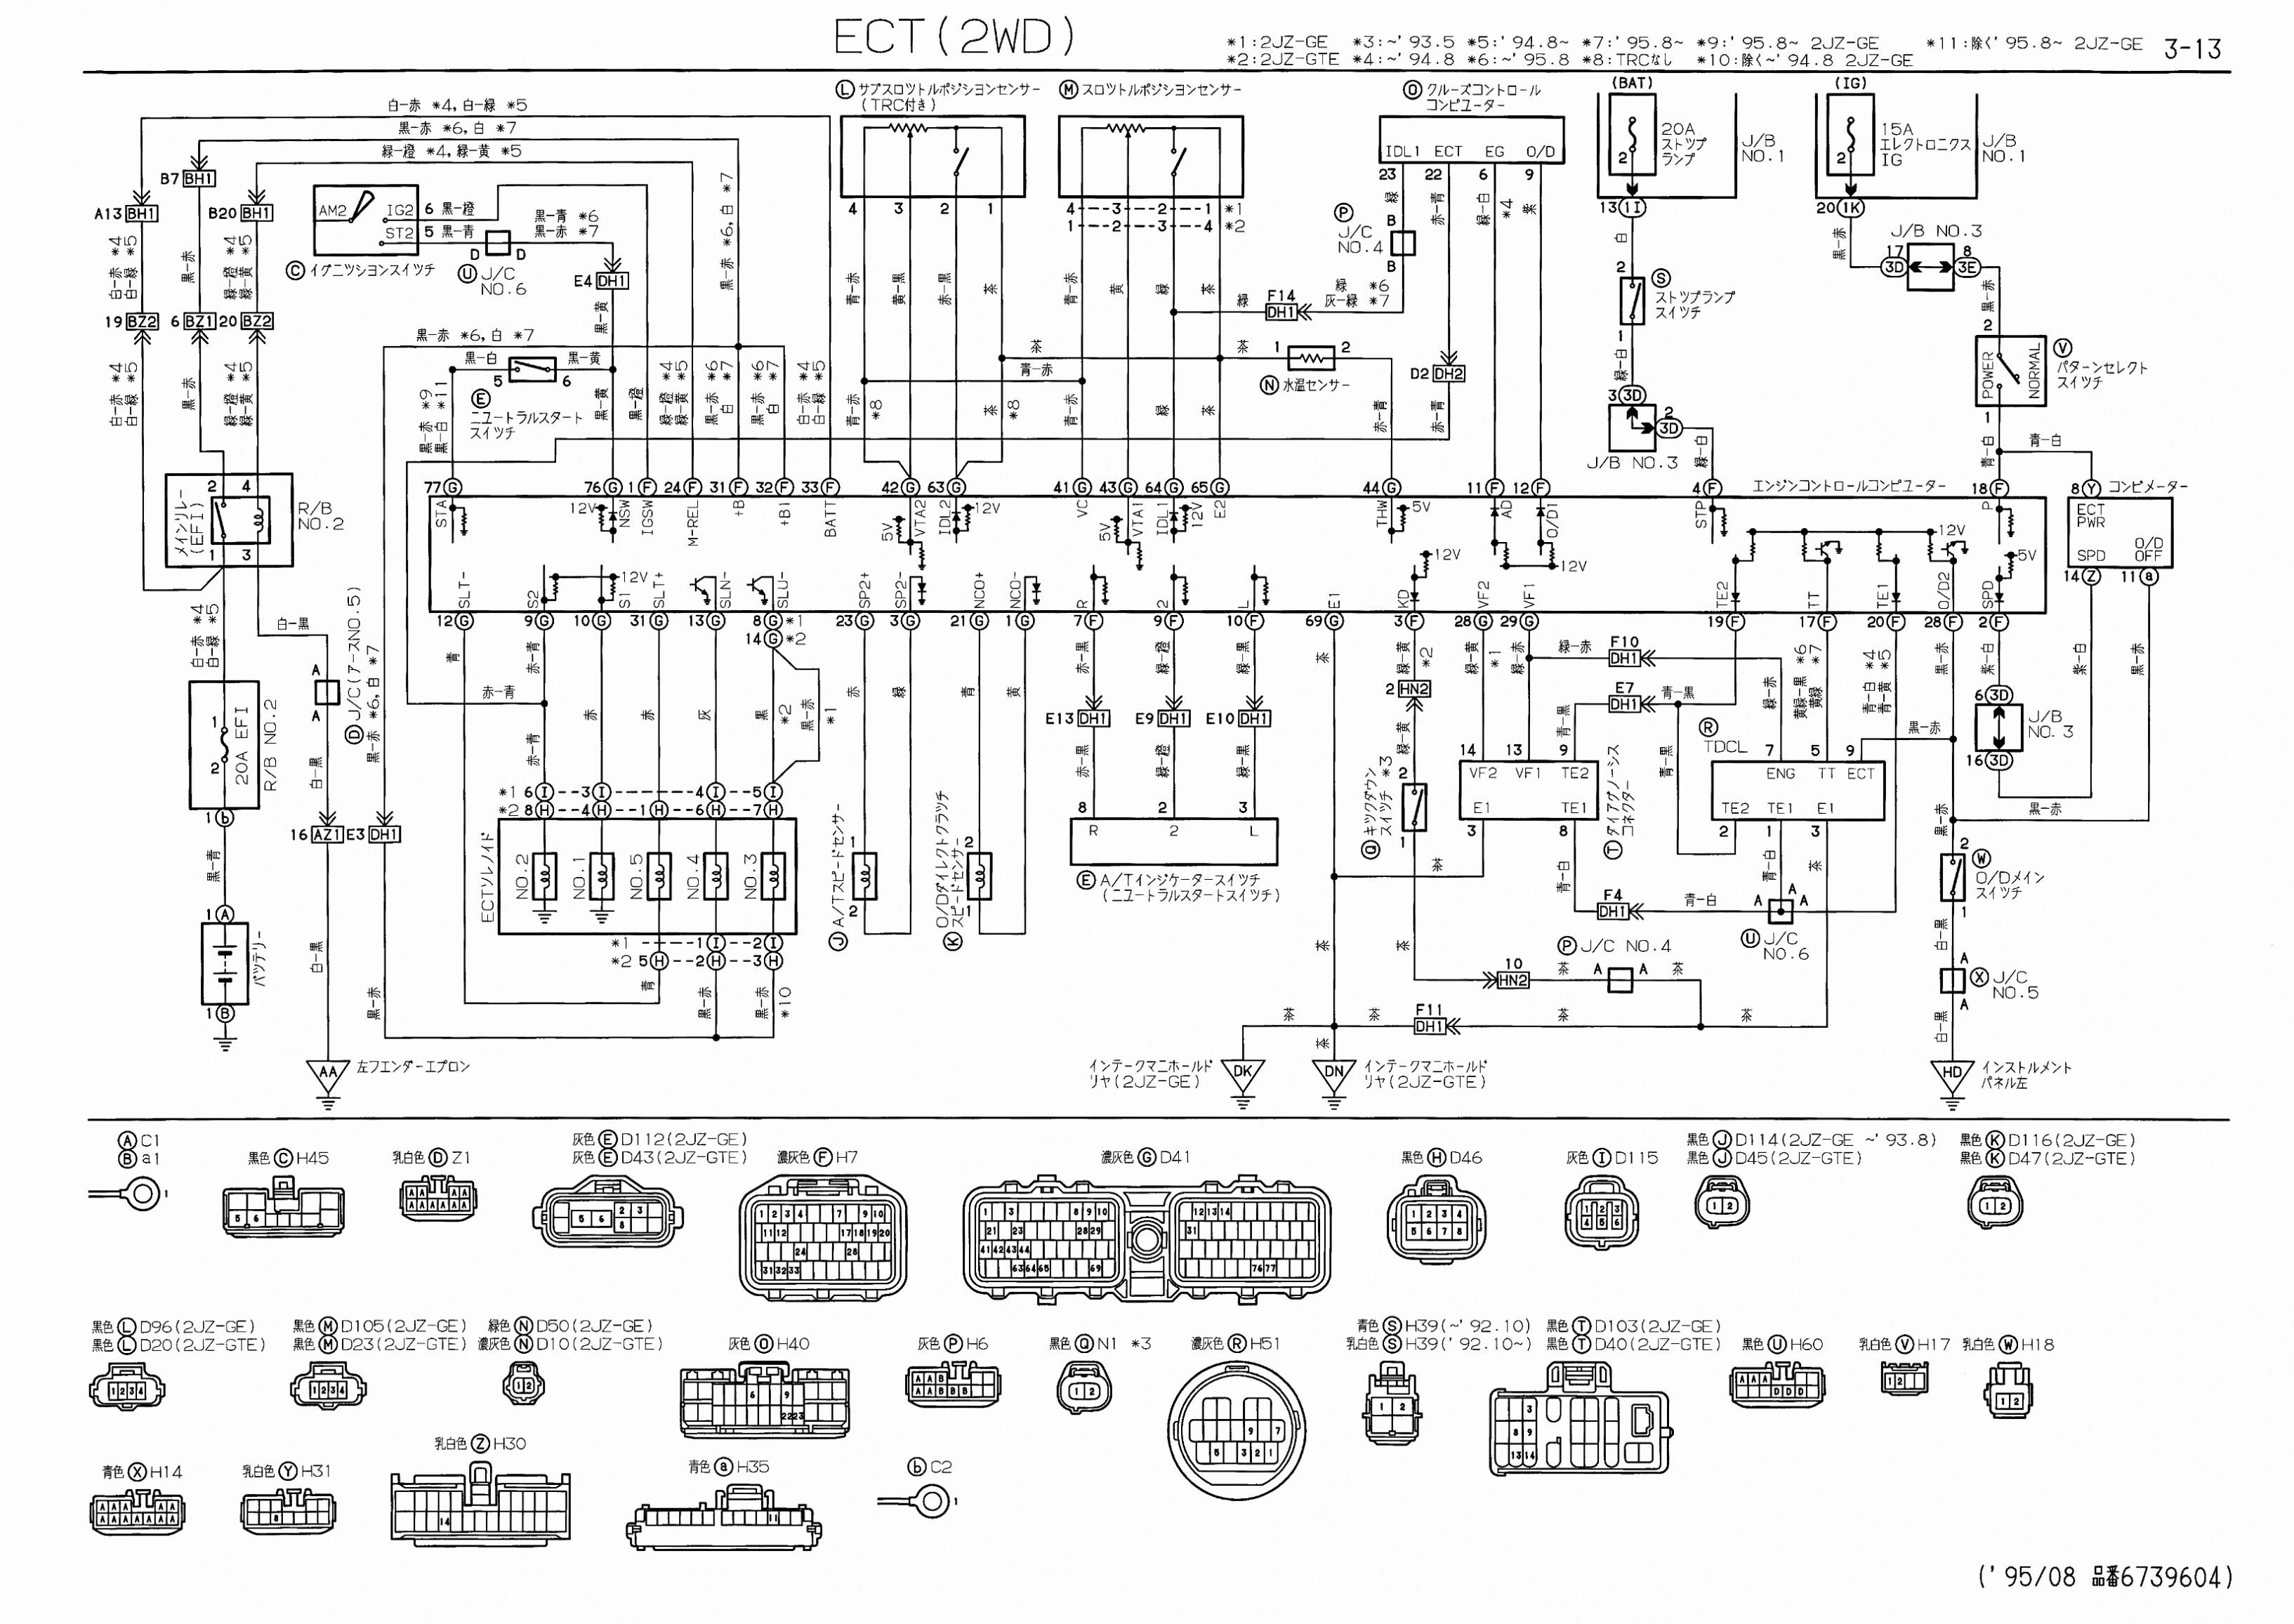 2006 Holiday Rambler Wiring Schematics | Wiring Diagram - Holiday Rambler Wiring Diagram